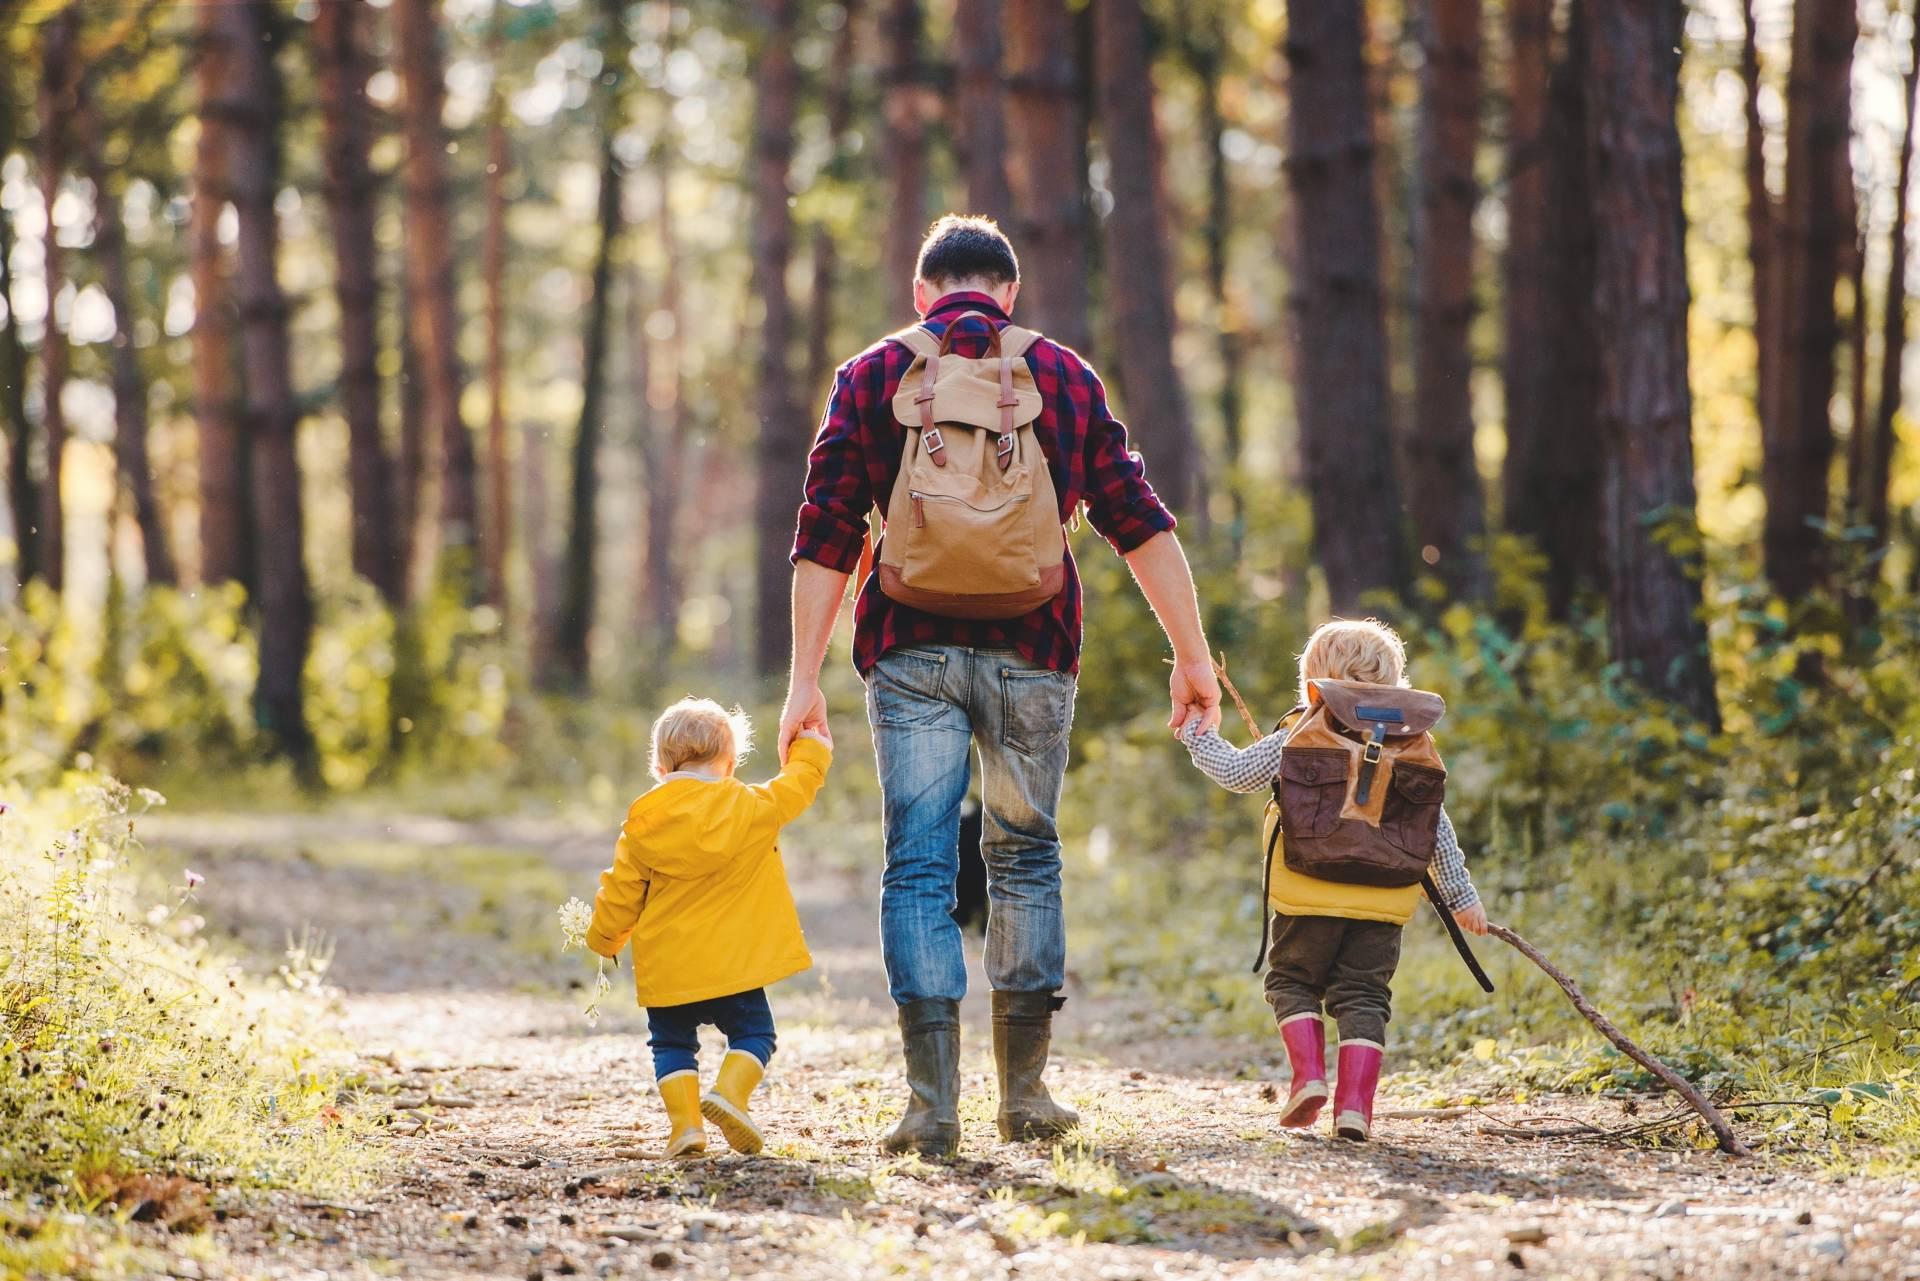 Tata prowadzi dwójkę swoich dzieci za rękę po lesie. Czym jest kąpiel leśna shinrin-yoku?